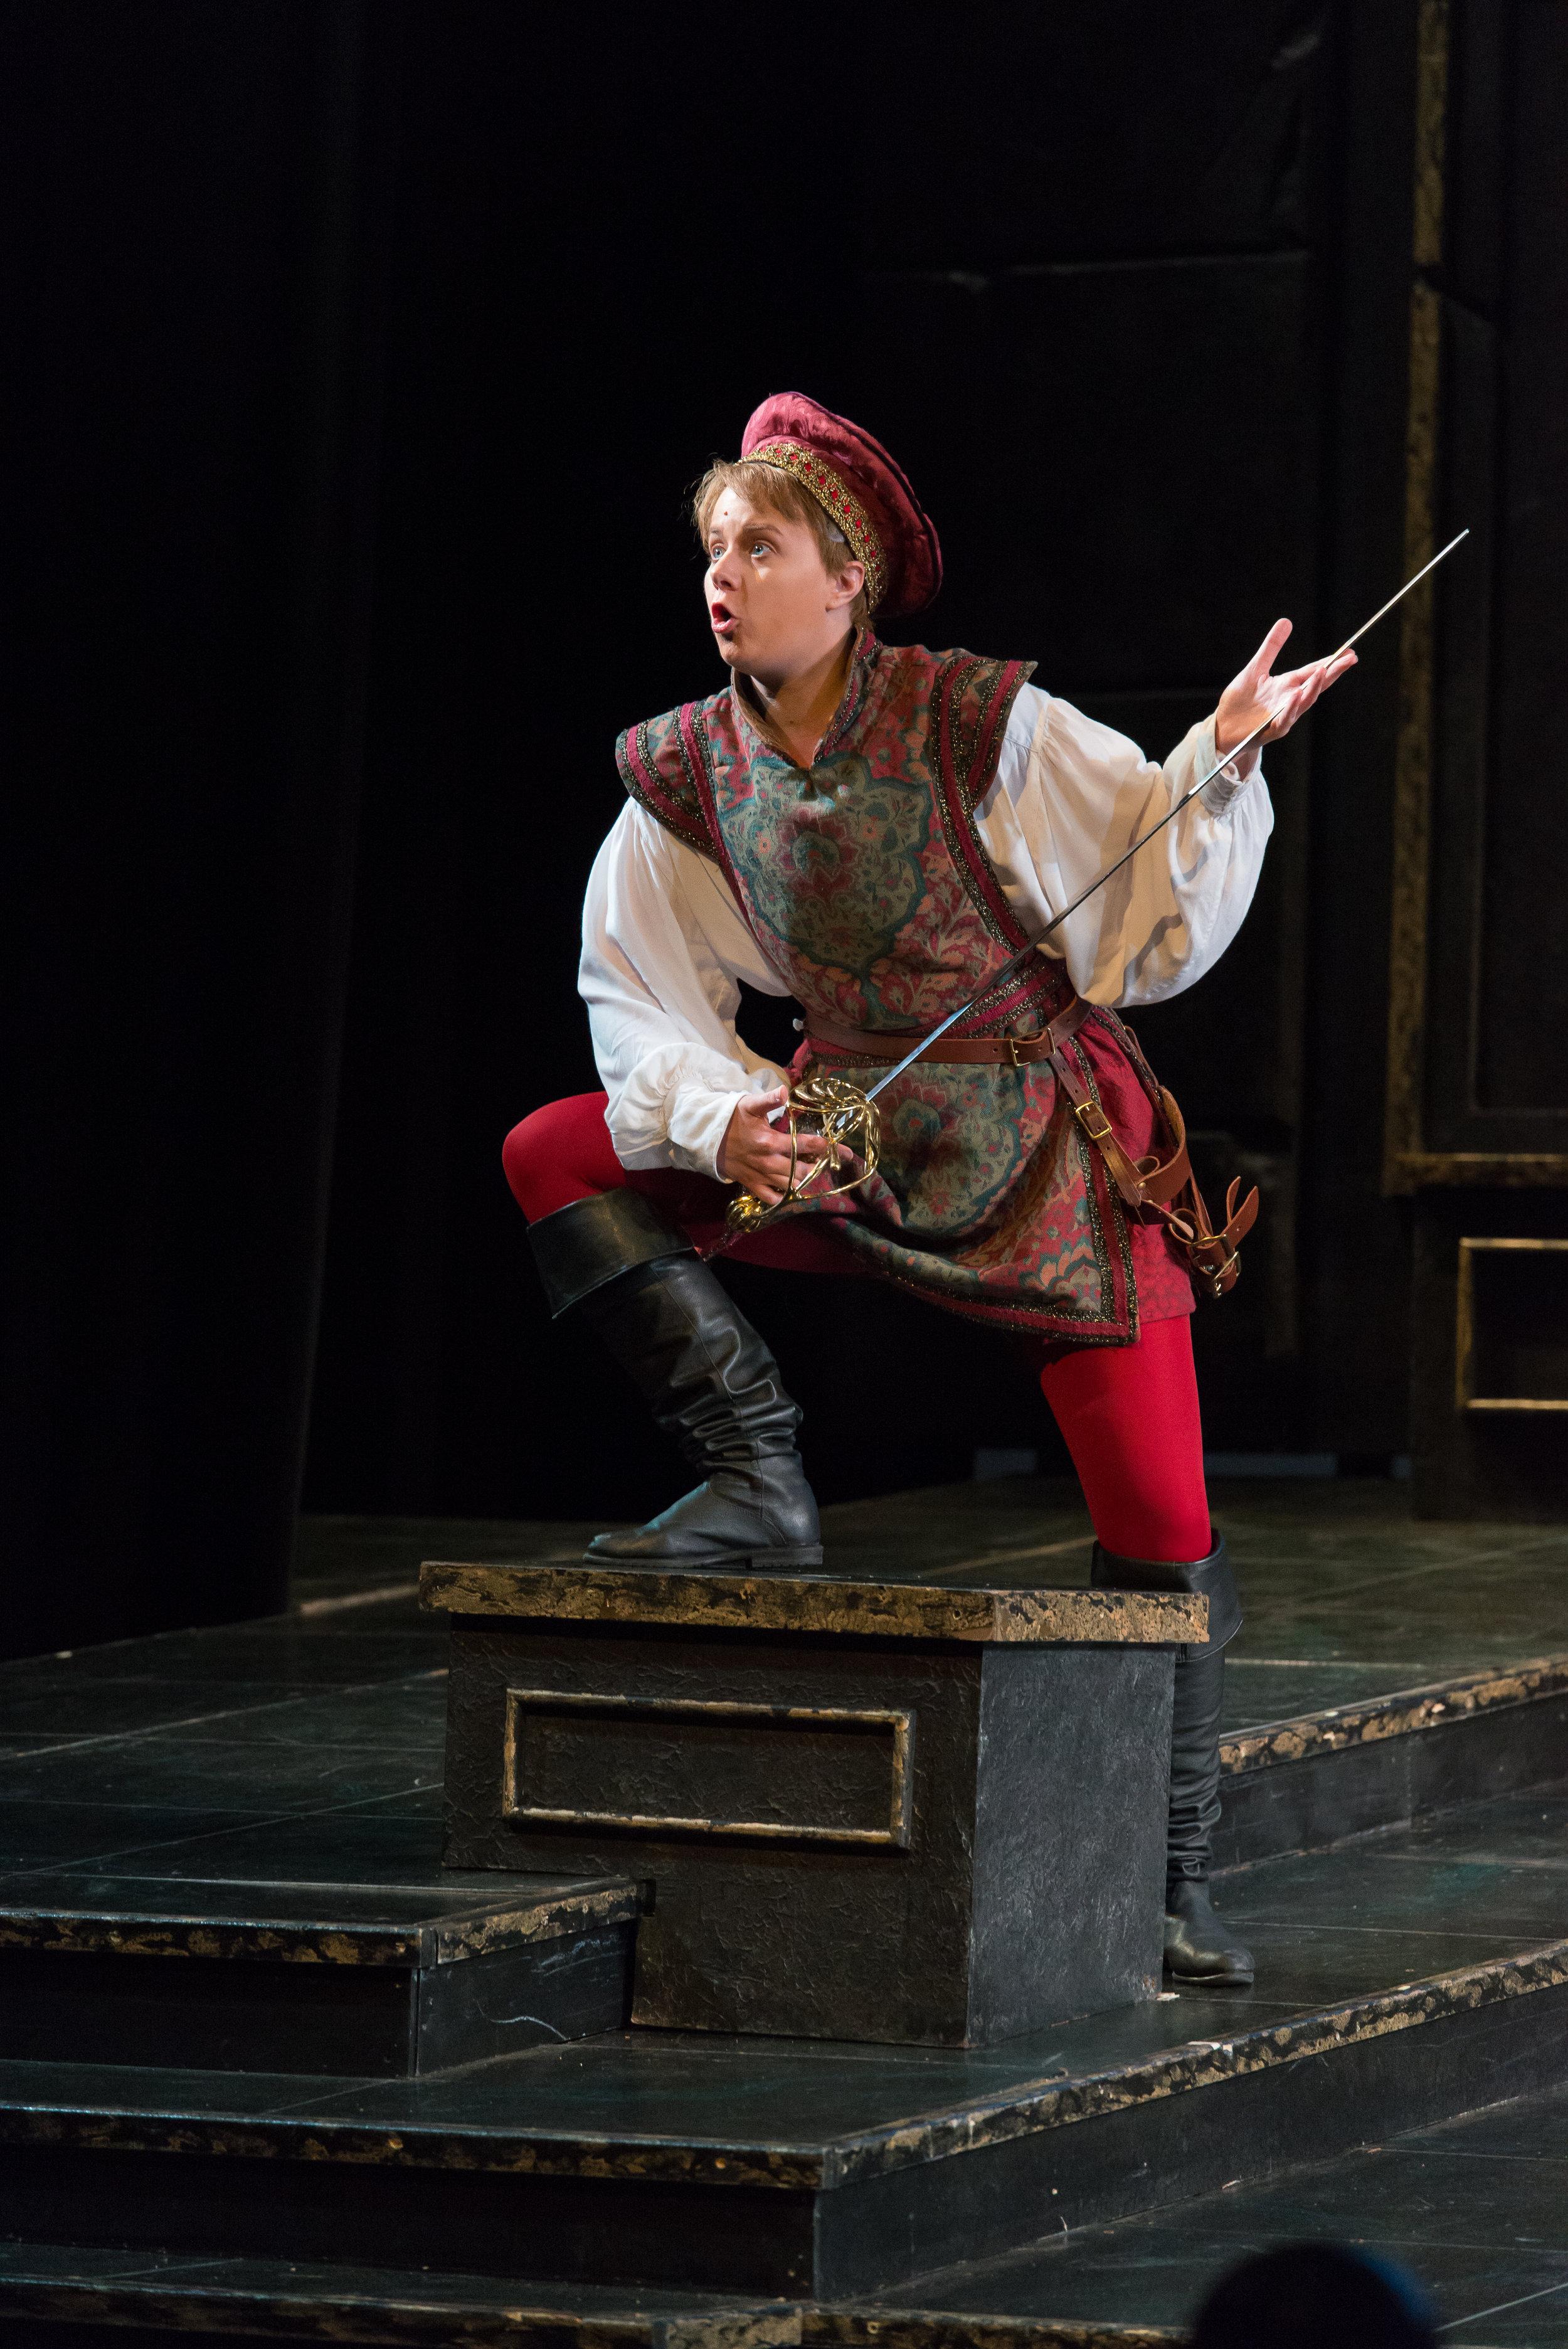 Stéphano in Roméo et Juliette